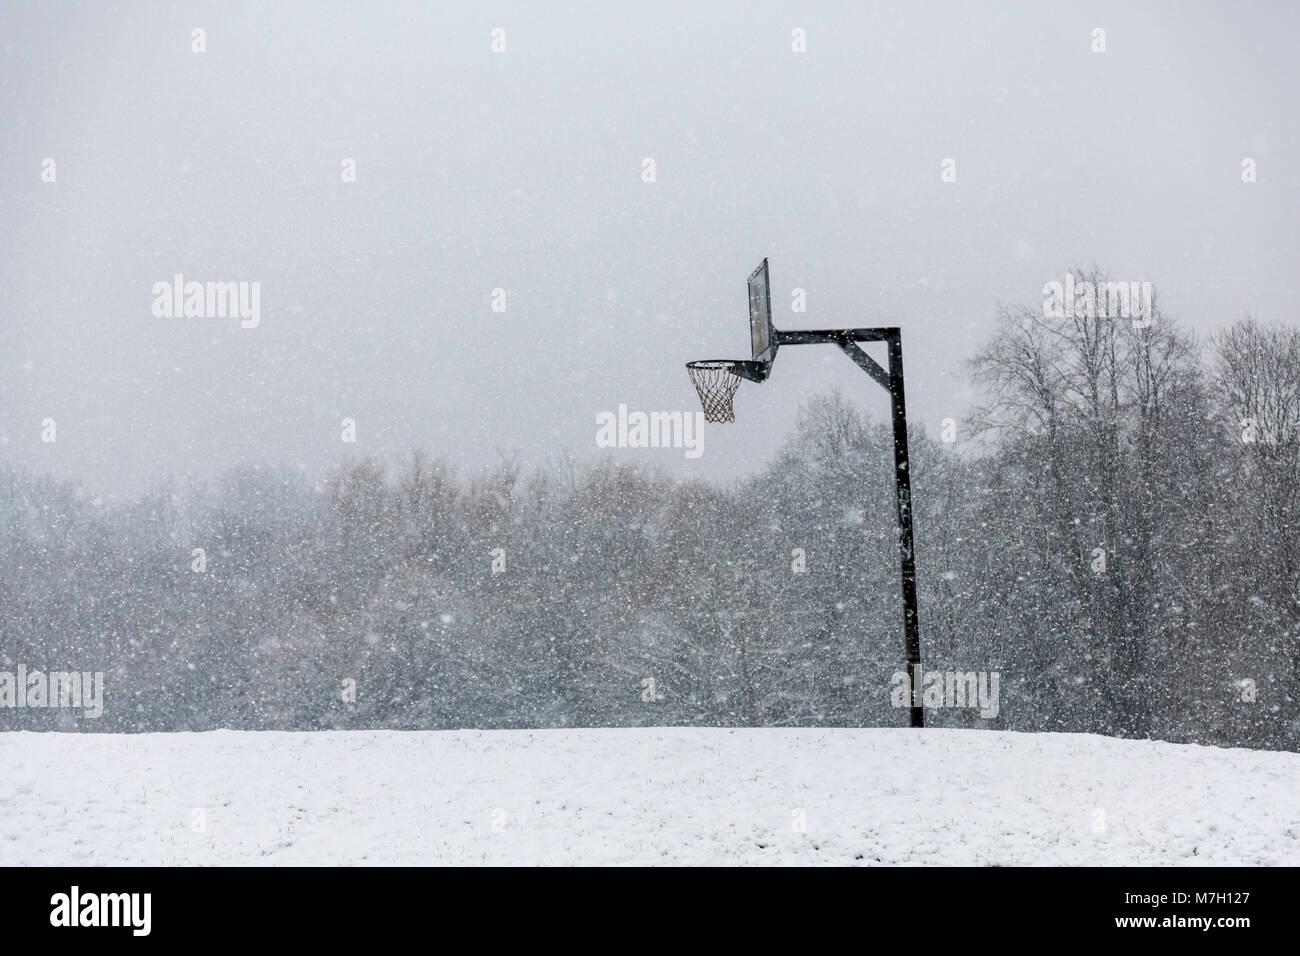 Cancha de baloncesto en la nieve. Imagen De Stock